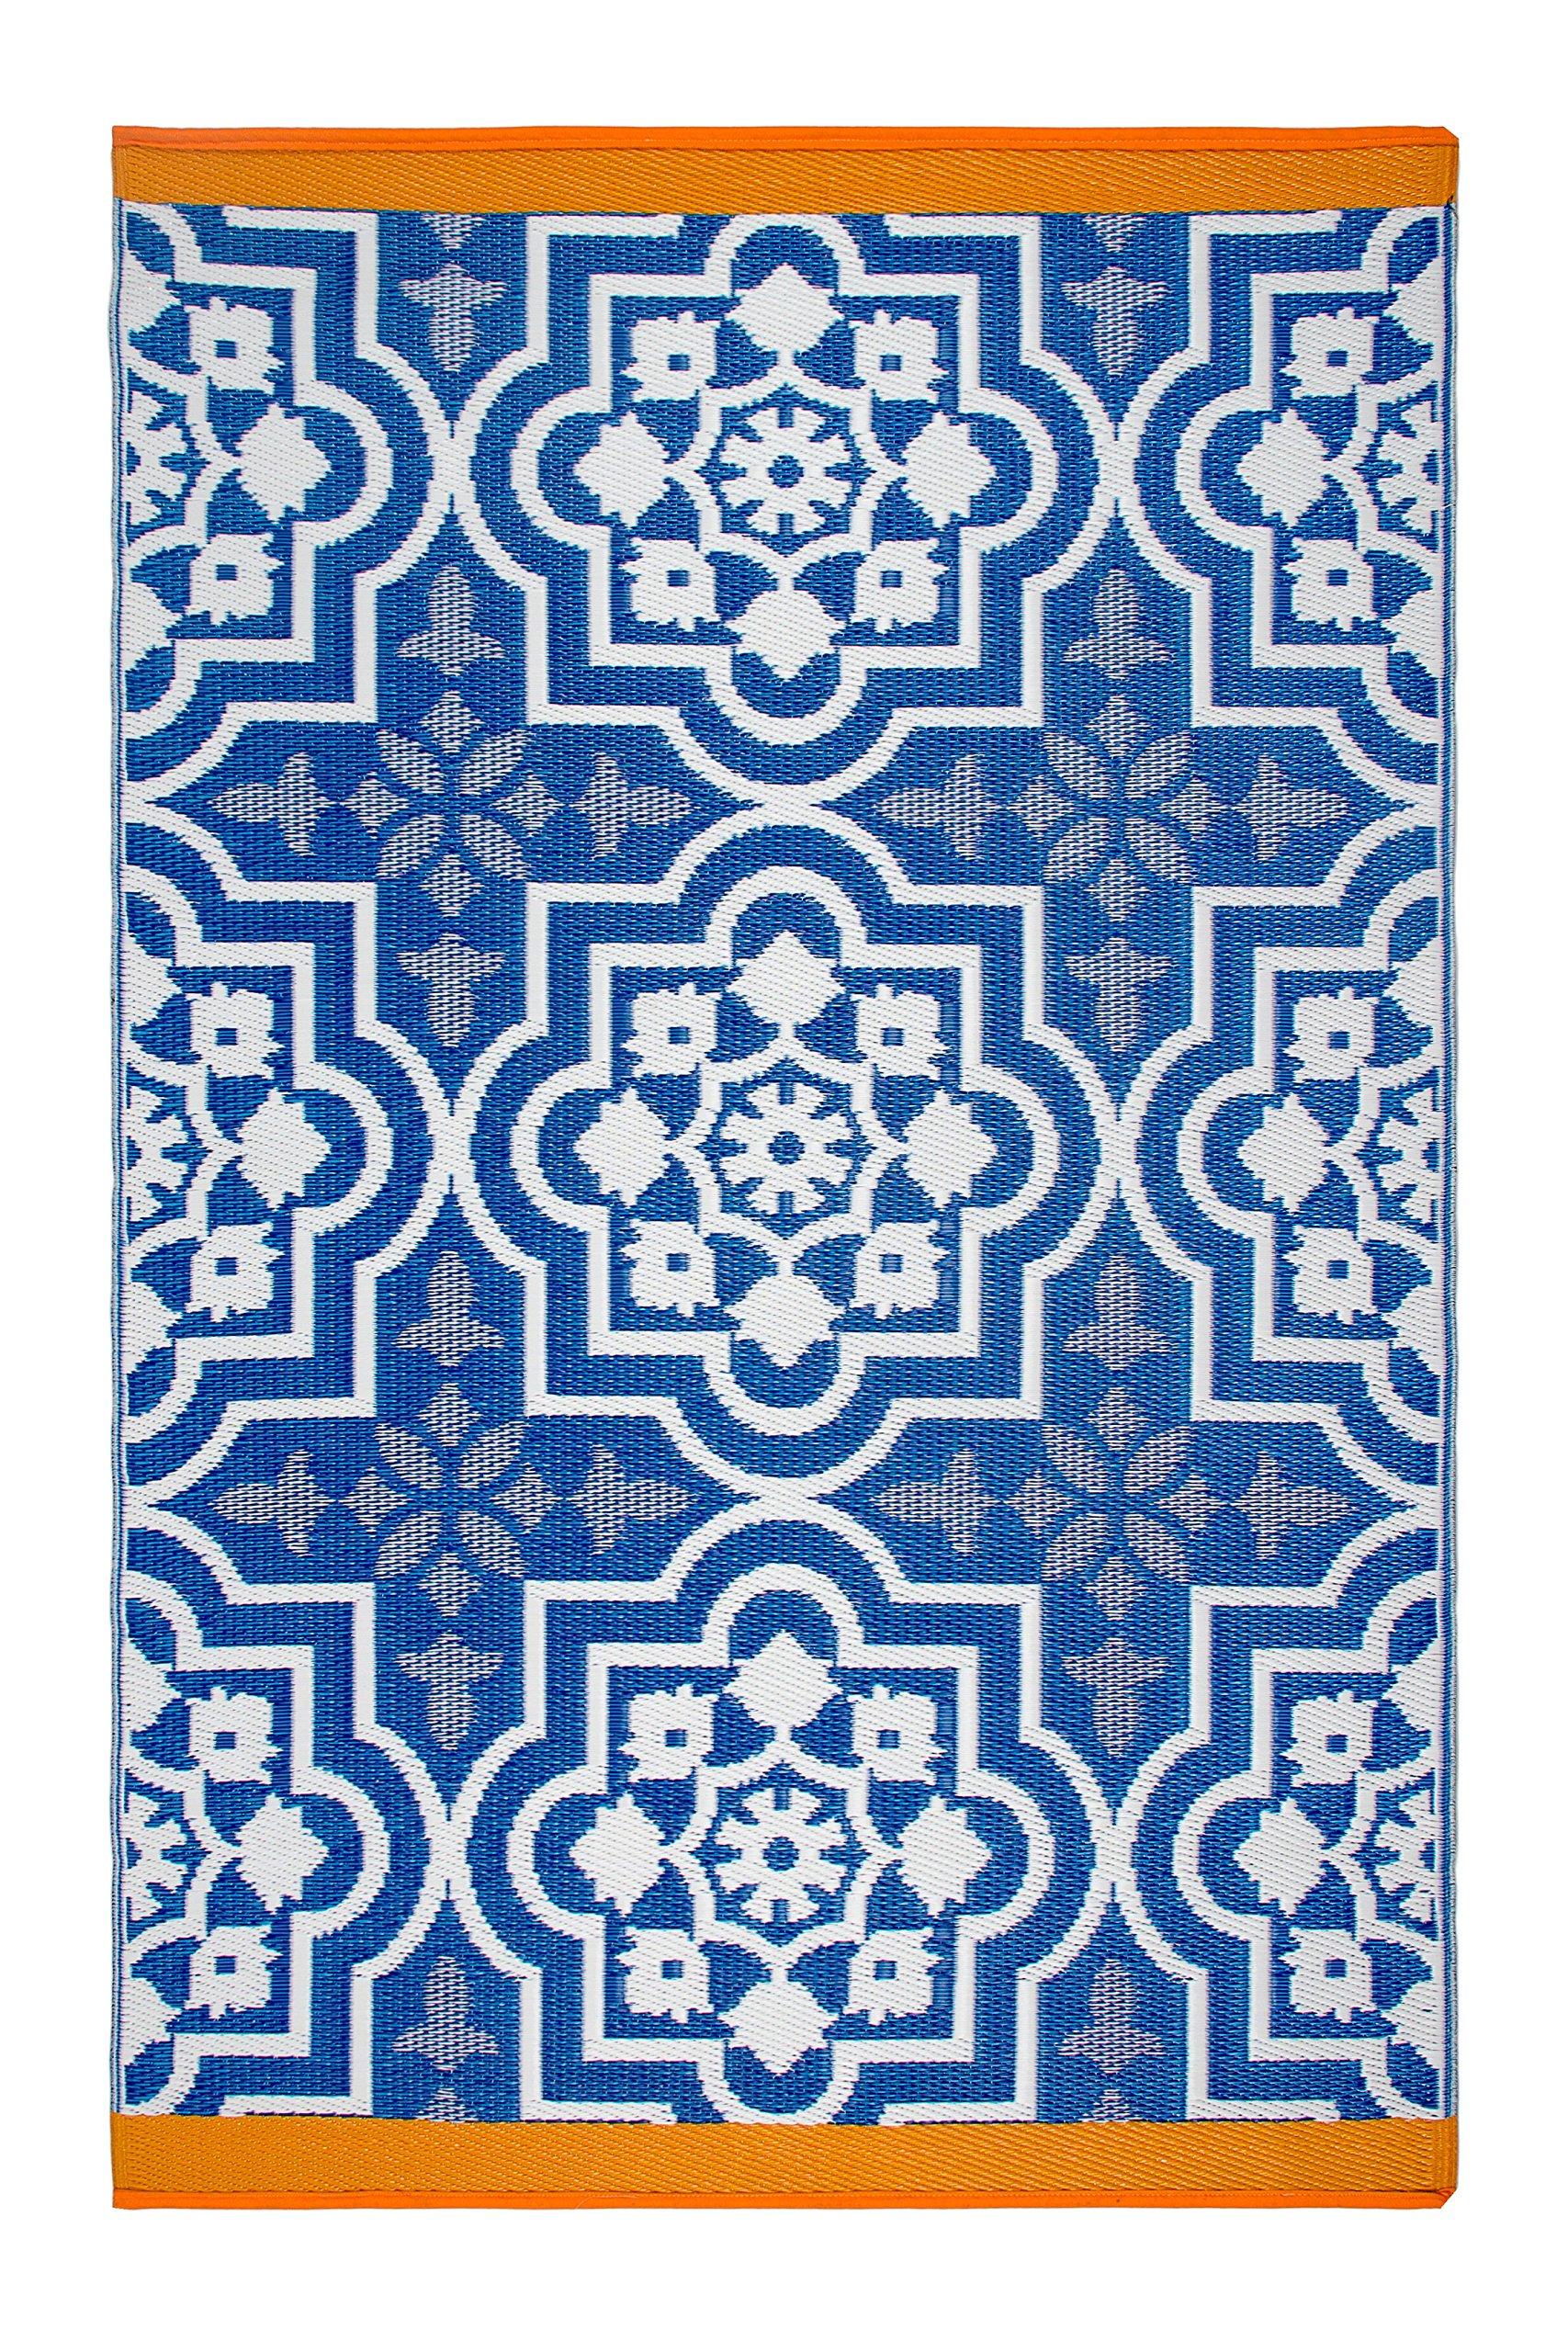 Fab Habitat Reversible, Indoor/Outdoor Weather Resistant Floor Mat/Rug - Puebla - Blue (5 feet by 8 feet)